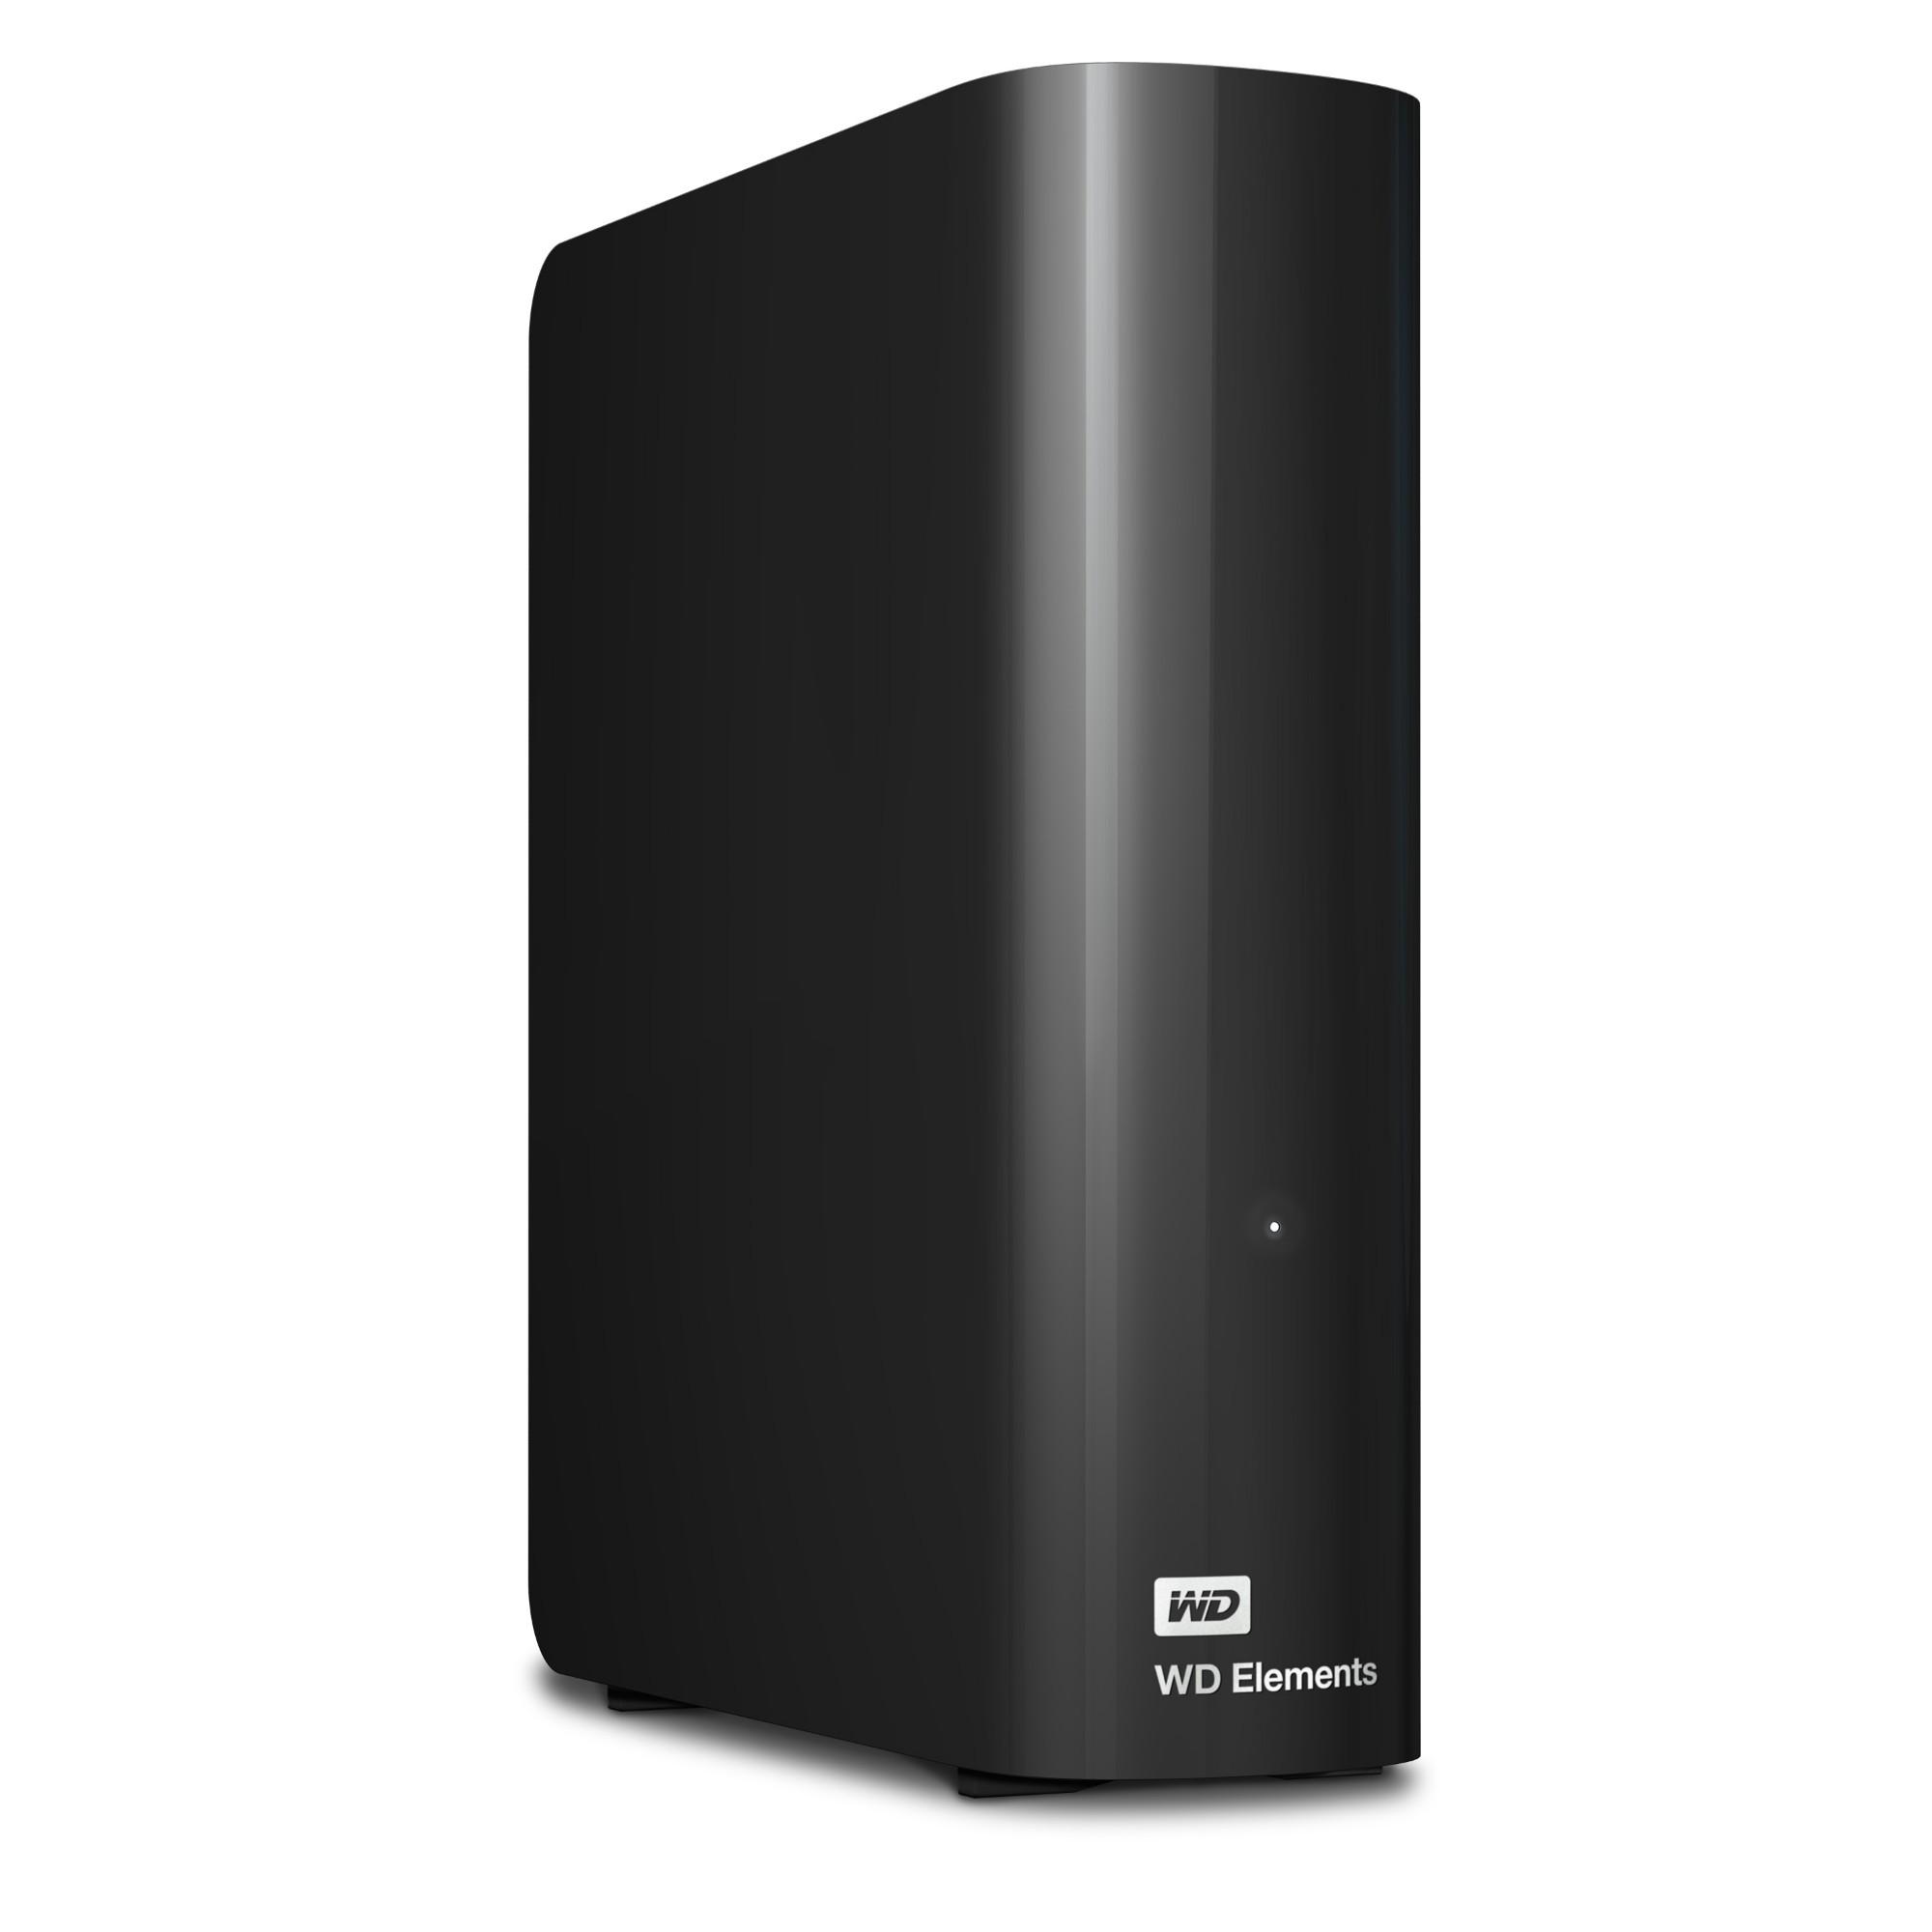 WESTERN DIGITAL WD Elements 4TB USB3.0 Desktop Hard Drive - Black